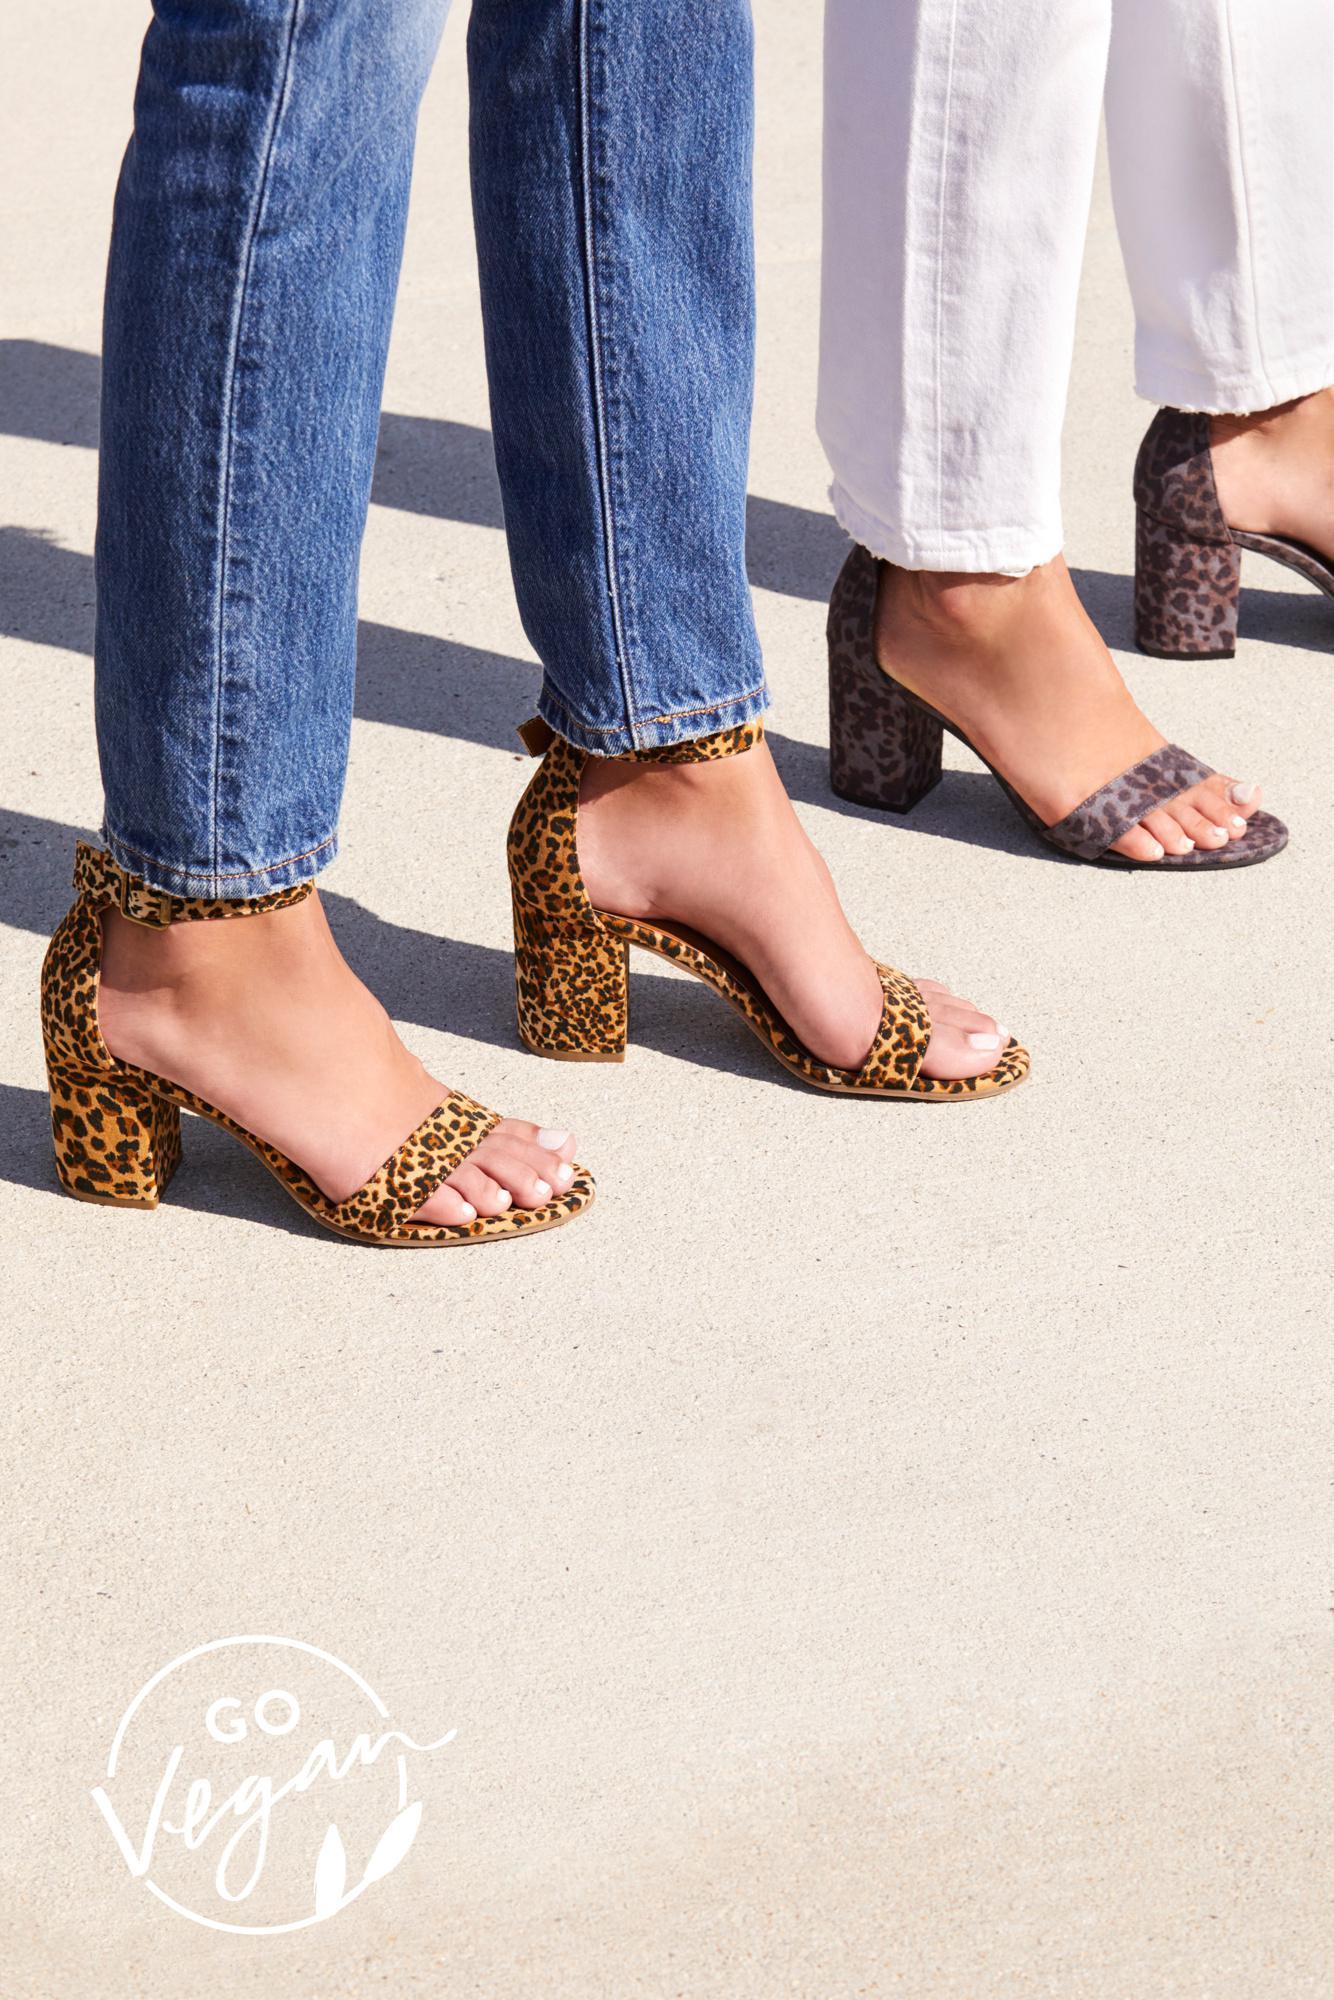 41f1dbee6c32 Lyst - Free People Vegan Block Party Heel By Matisse